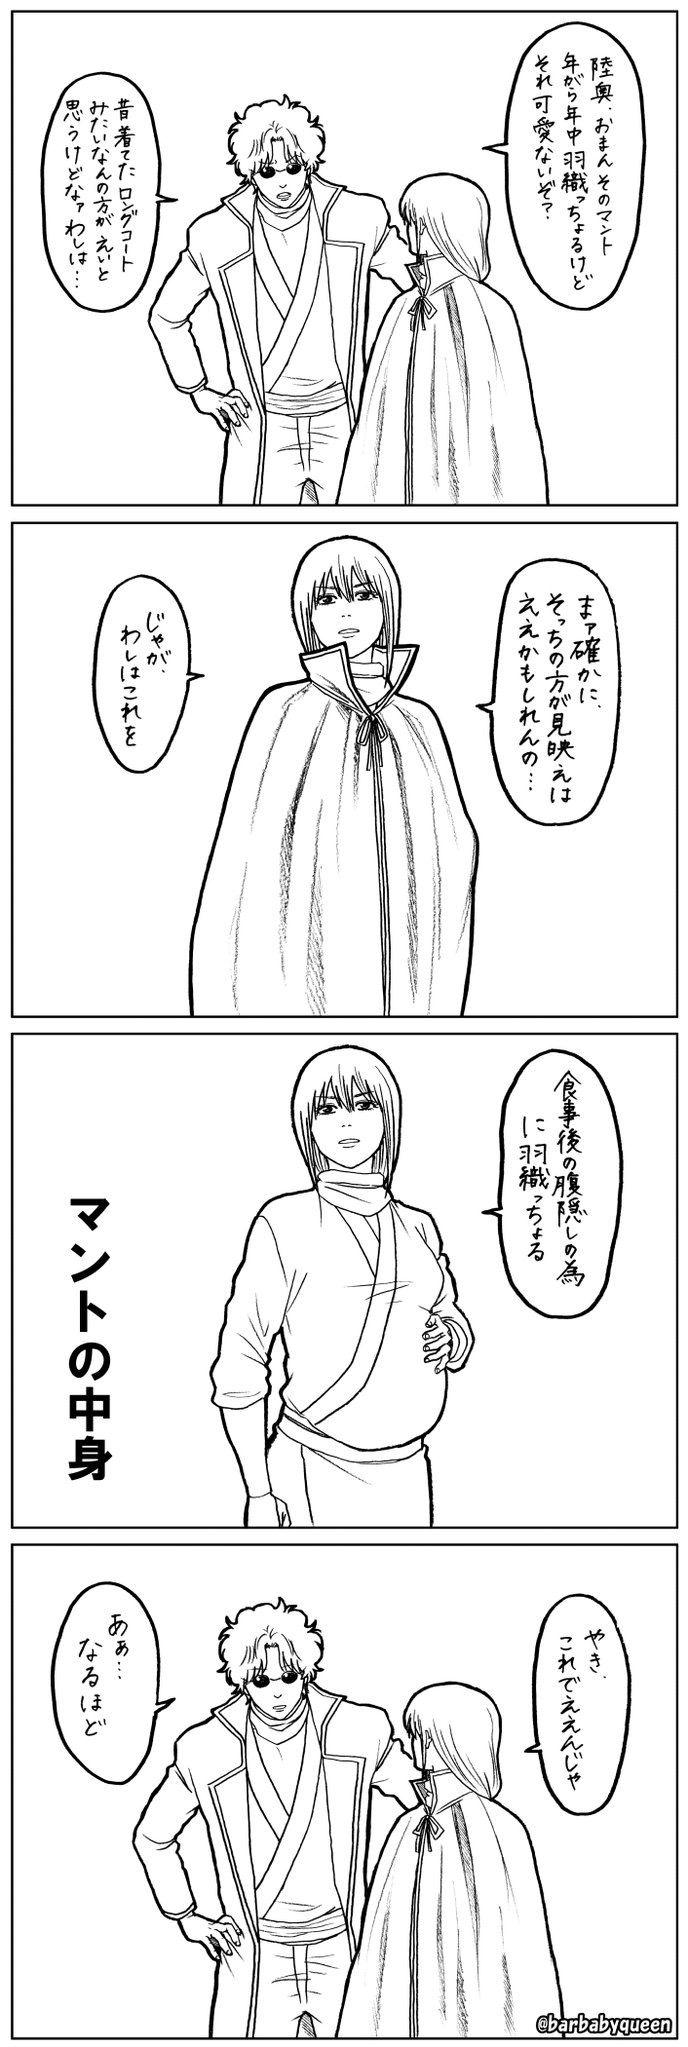 見る 銀魂 順番 アニメ